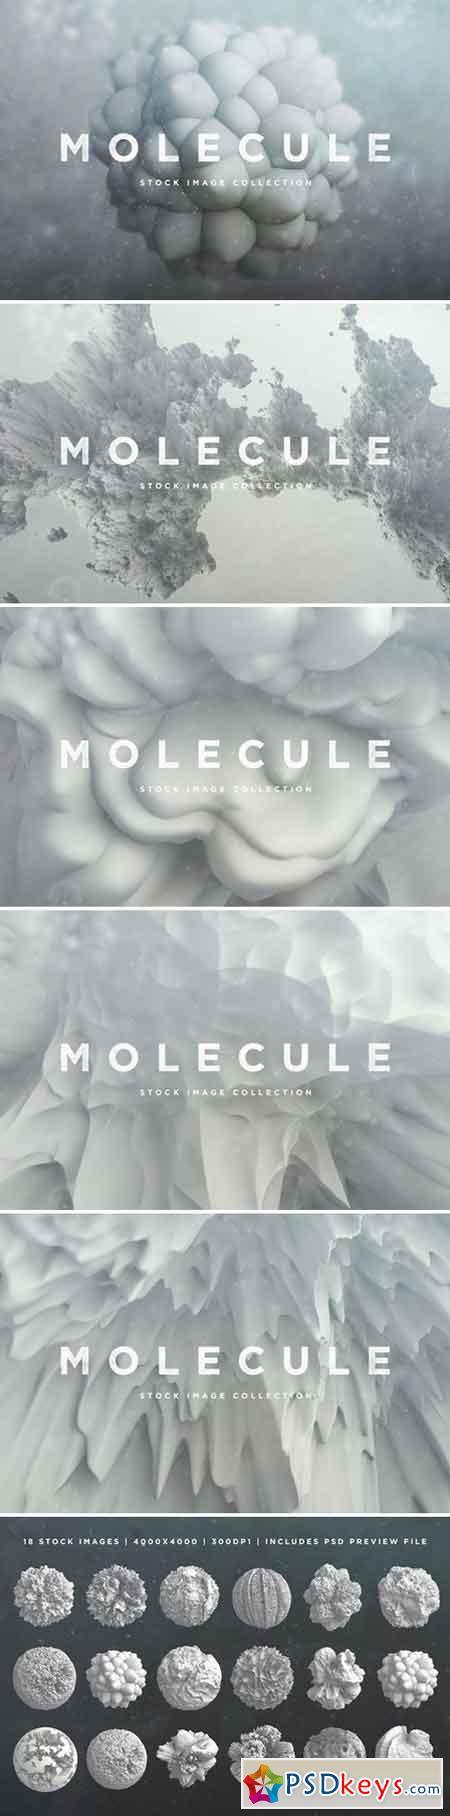 3D Molecule Objects 2347024